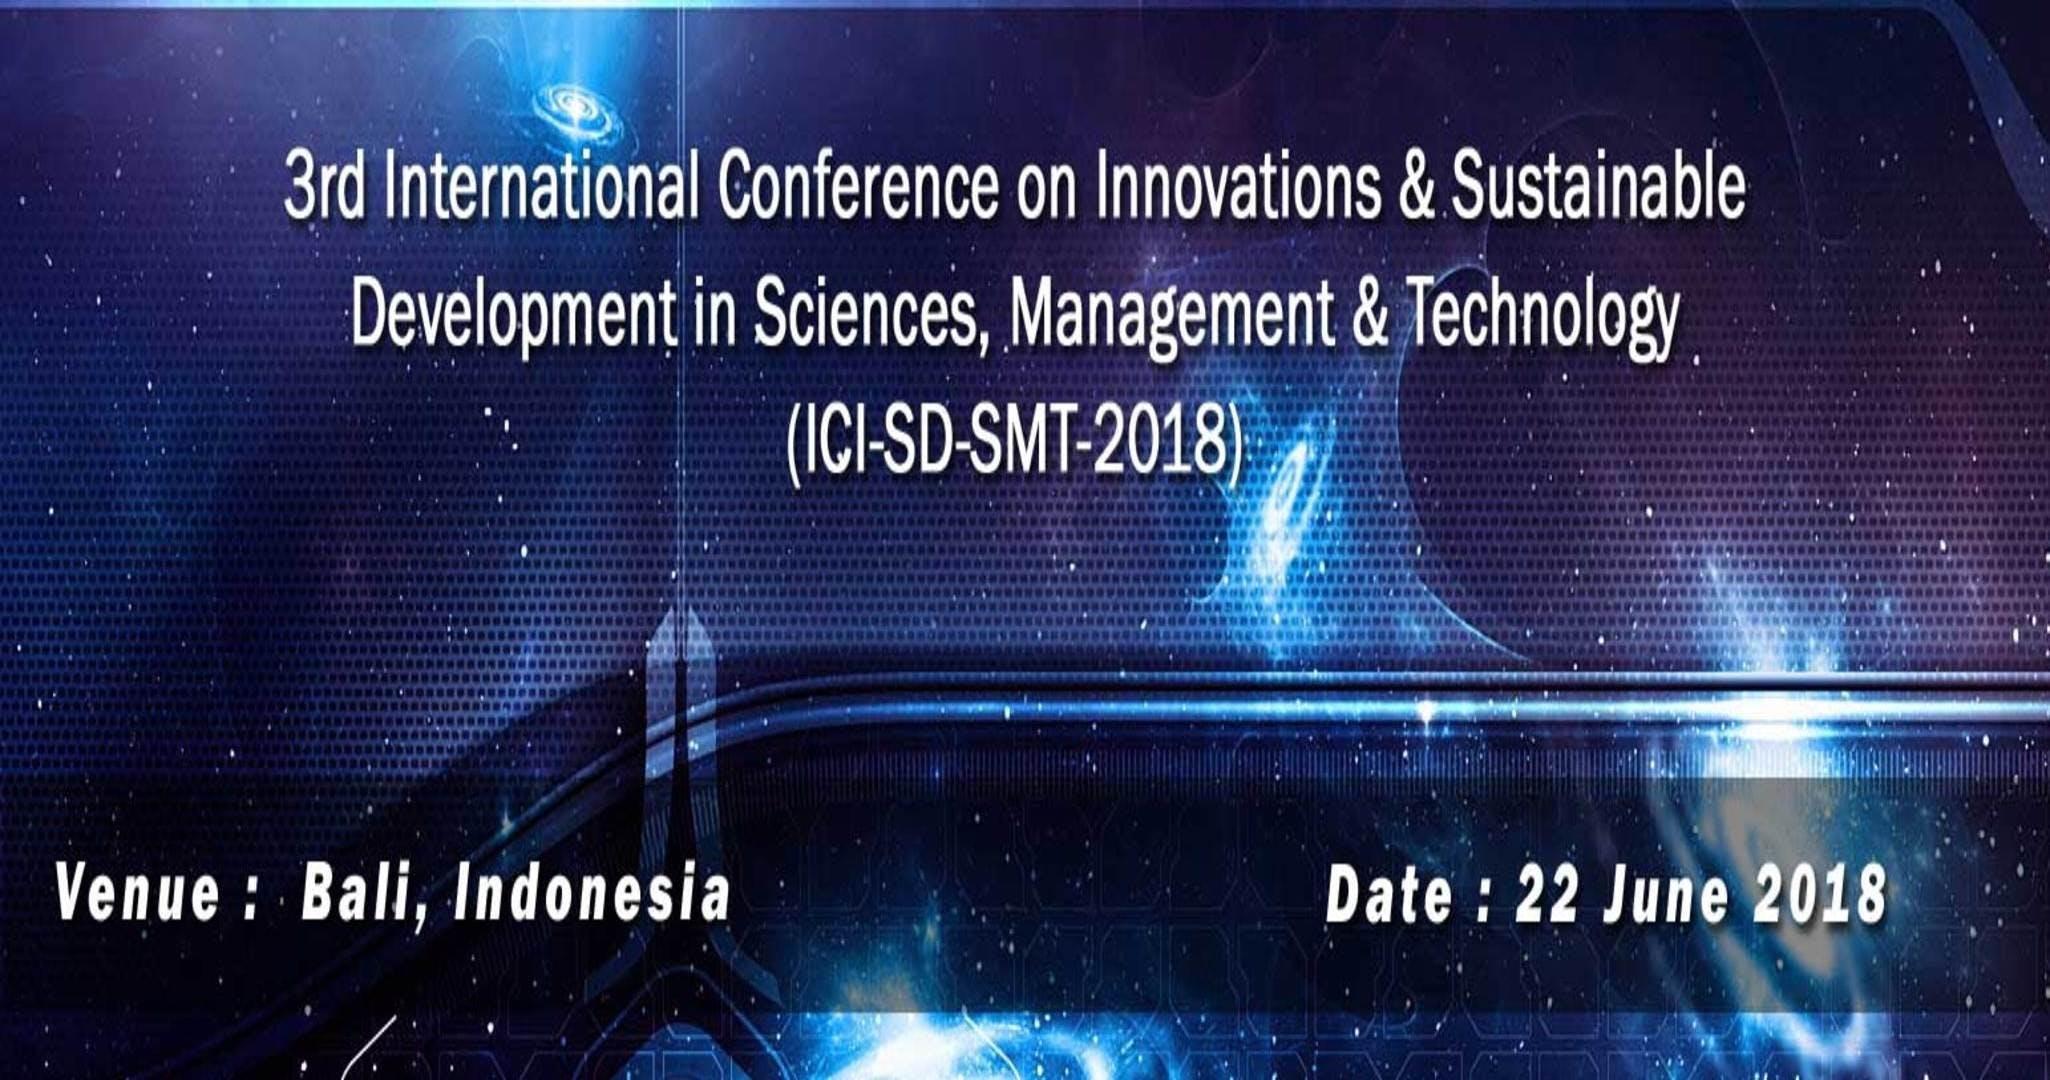 ICI-SD-SMT-2018